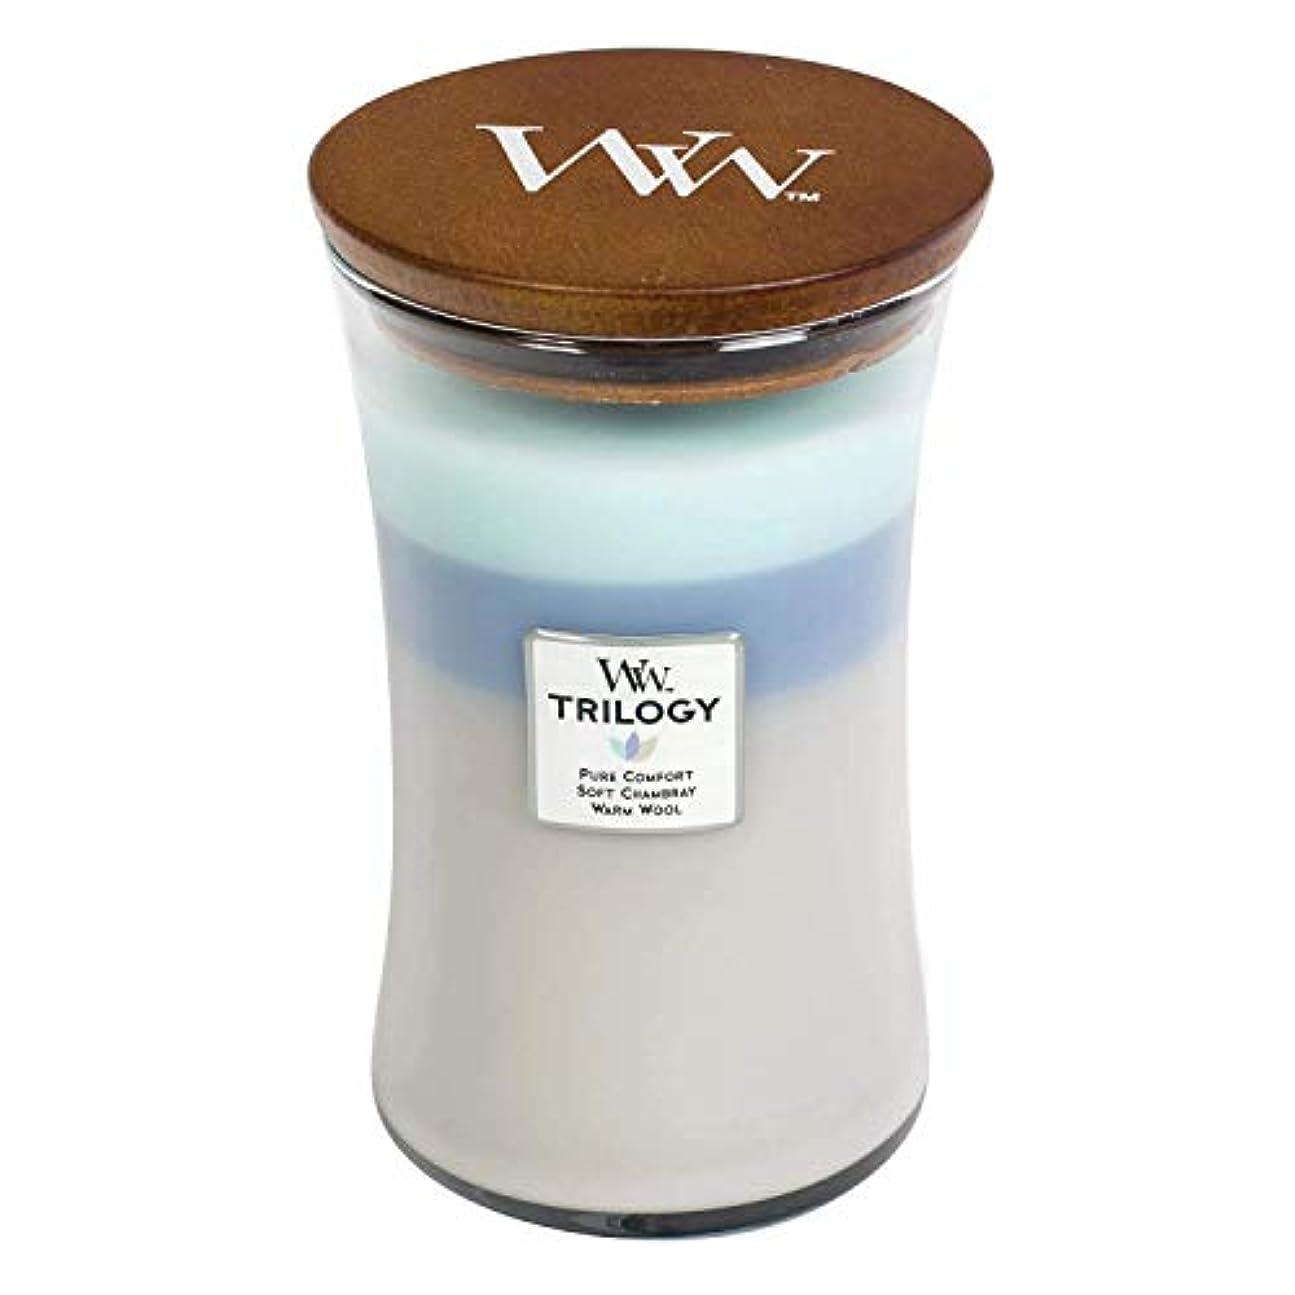 学ぶ細菌段階Woven Comforts WoodWick Trilogy 22オンス香りつきJarキャンドル – 3 in 1つ